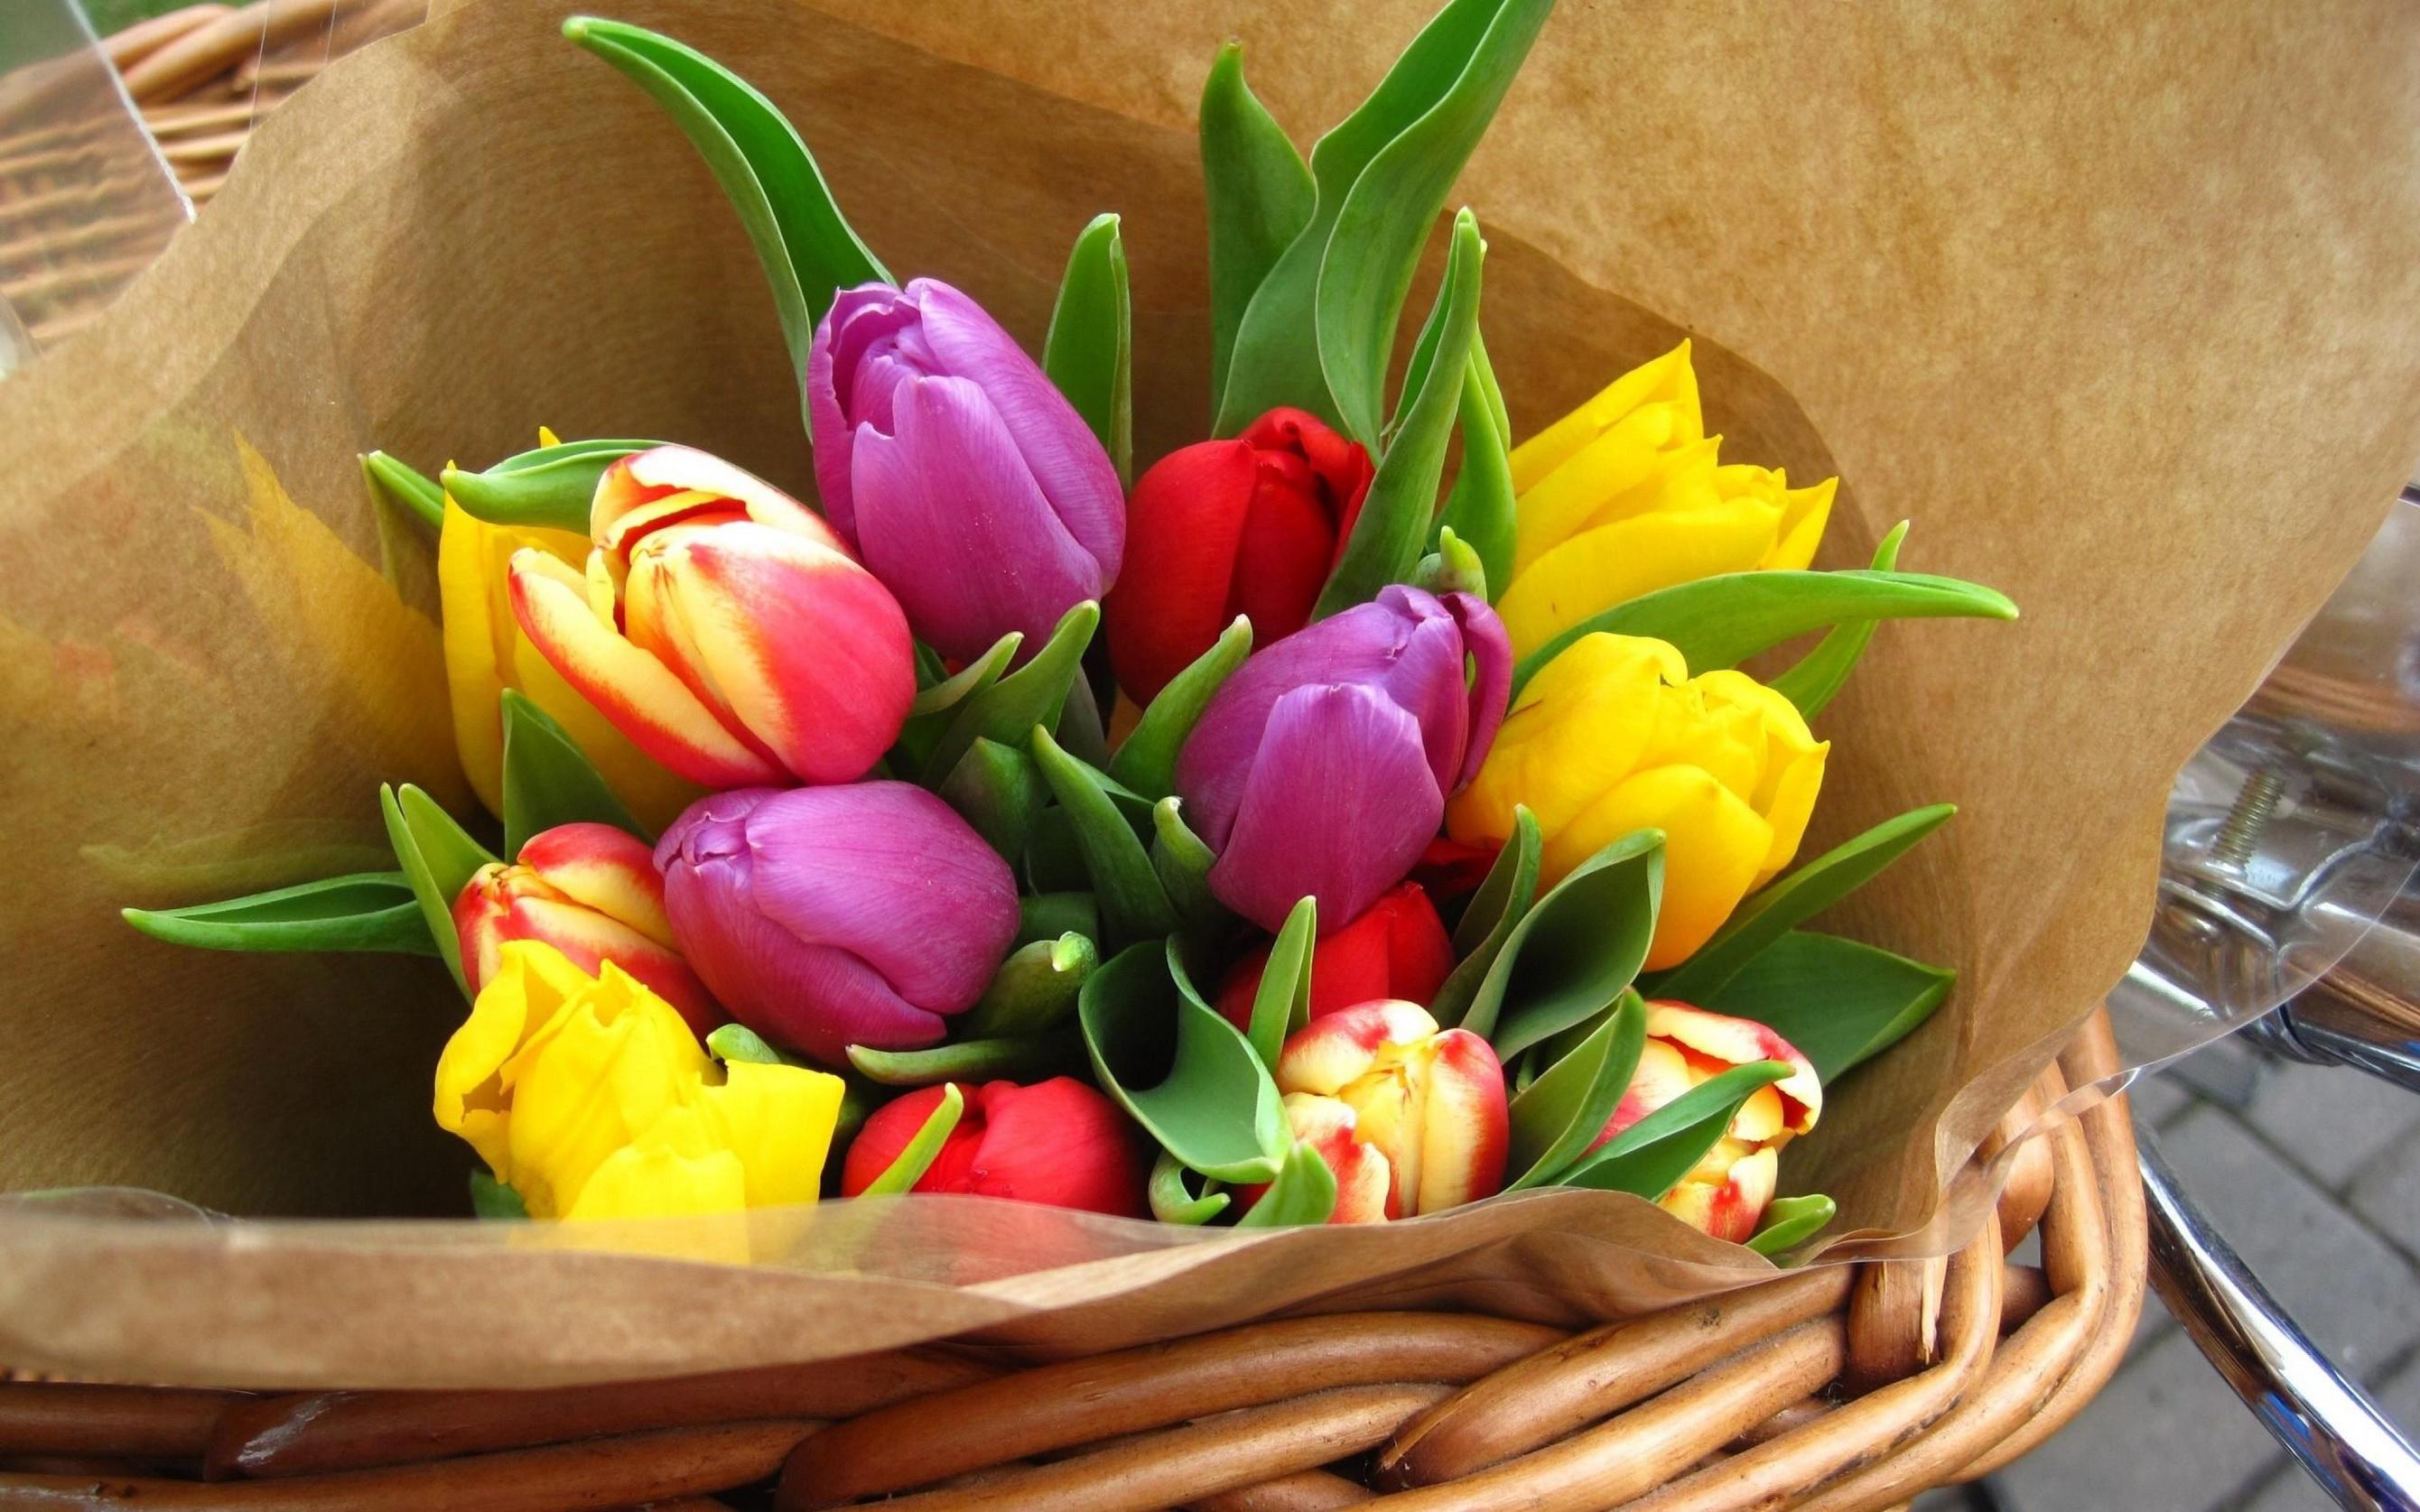 тюльпаны букет мешковина бесплатно